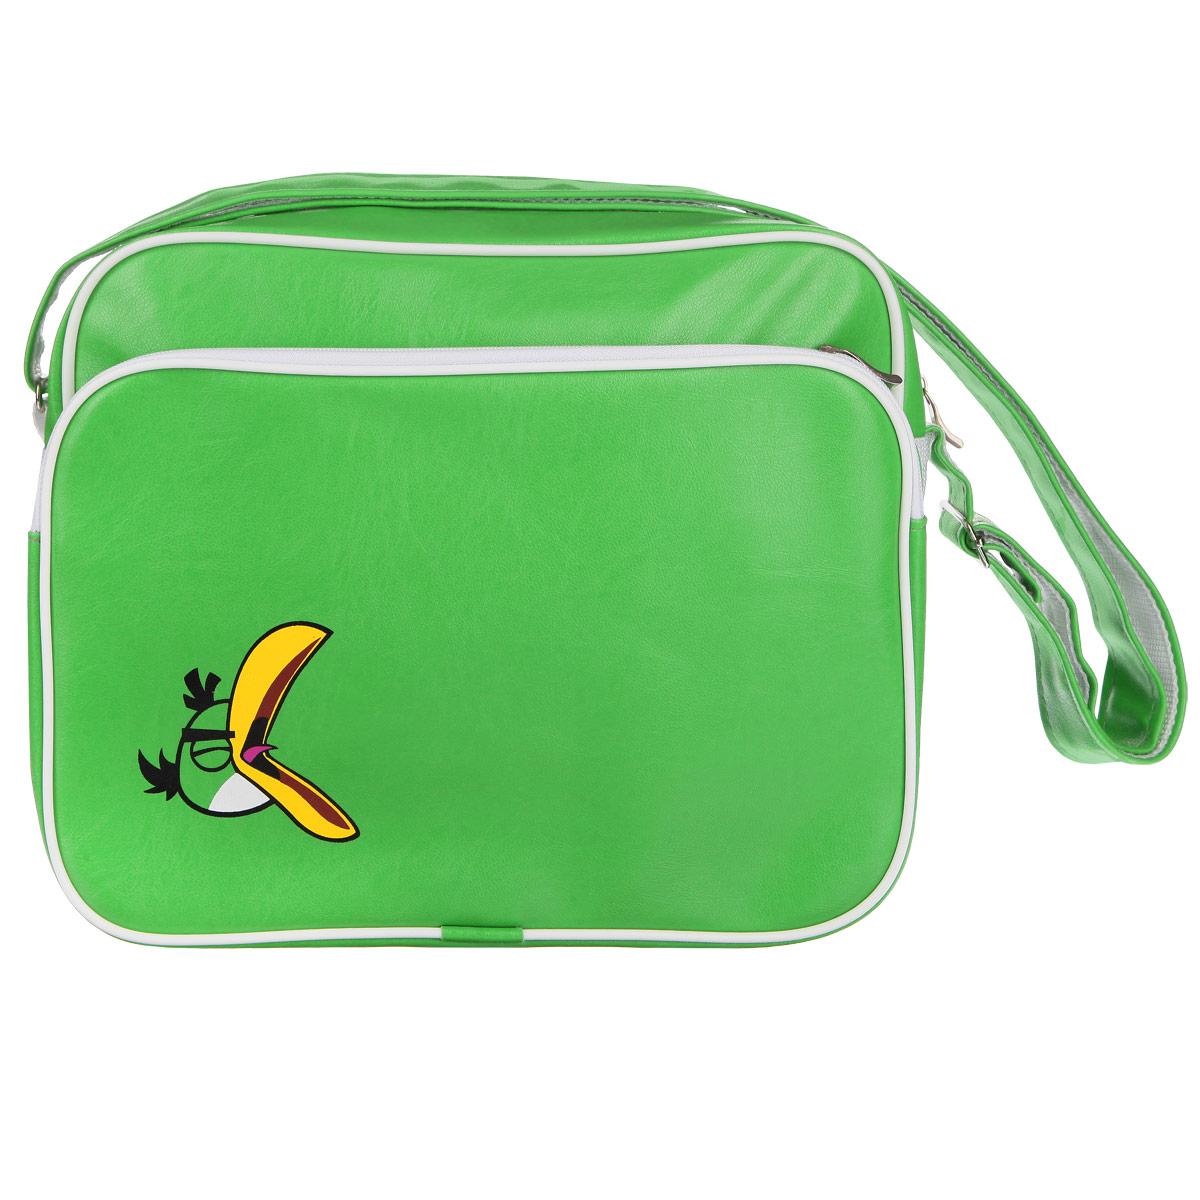 Сумка Angry Birds Зеленая птица, цвет: зеленый. 8481472523WDМолодежная сумка Angry Birds Зеленая птица сочетает в себе современный дизайн, функциональность и долговечность.Она выполнена из искусственной кожи и оформлена изображением одного из героев знаменитой игры Angry Birds - зеленой птицы.Сумка имеет одно вместительное отделение, разделенное пополам карманом-средником на молнии. Закрывается сумка на застежку-молнию. С внешней стороны расположен вместительный накладной карман на молнии, внутри которого - накладной карман и четыре держателя для авторучек.С задней стороны сумки находится вшитый карман на молнии.Сумка оснащена плечевым ремнем регулируемой длины, максимальная длина - 128 см, минимальная - 48 см. С внешней стороны ремень изготовлен из искусственной кожи, с внутренней - из плотного полиэстера.